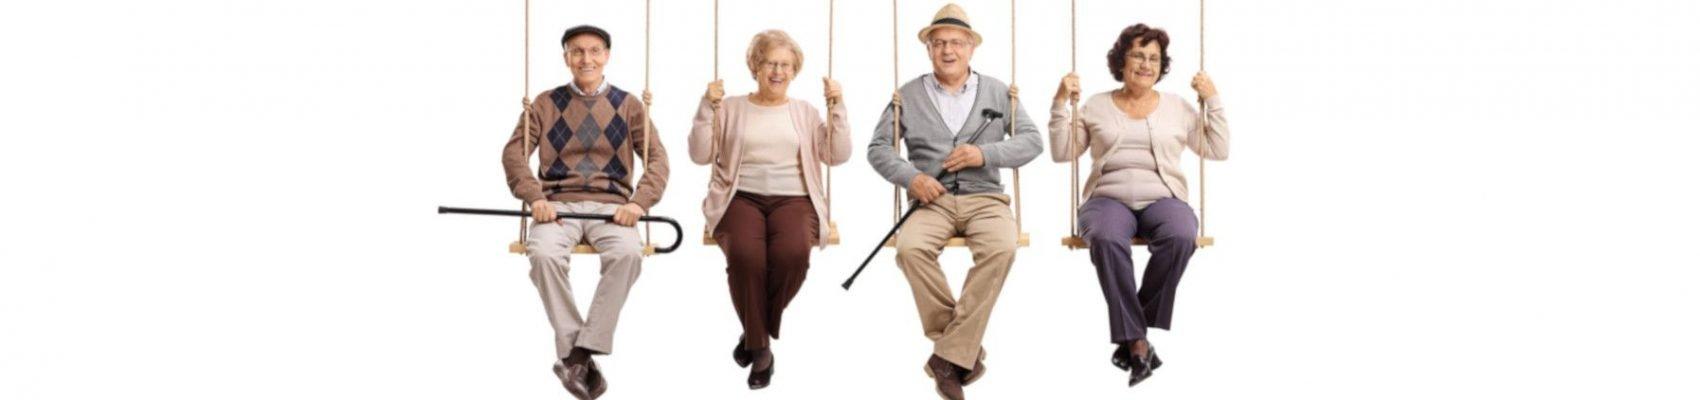 Auf dem Bild sind vier Senioren zu sehen. Diese sitzen auf Schaukeln und lachen.